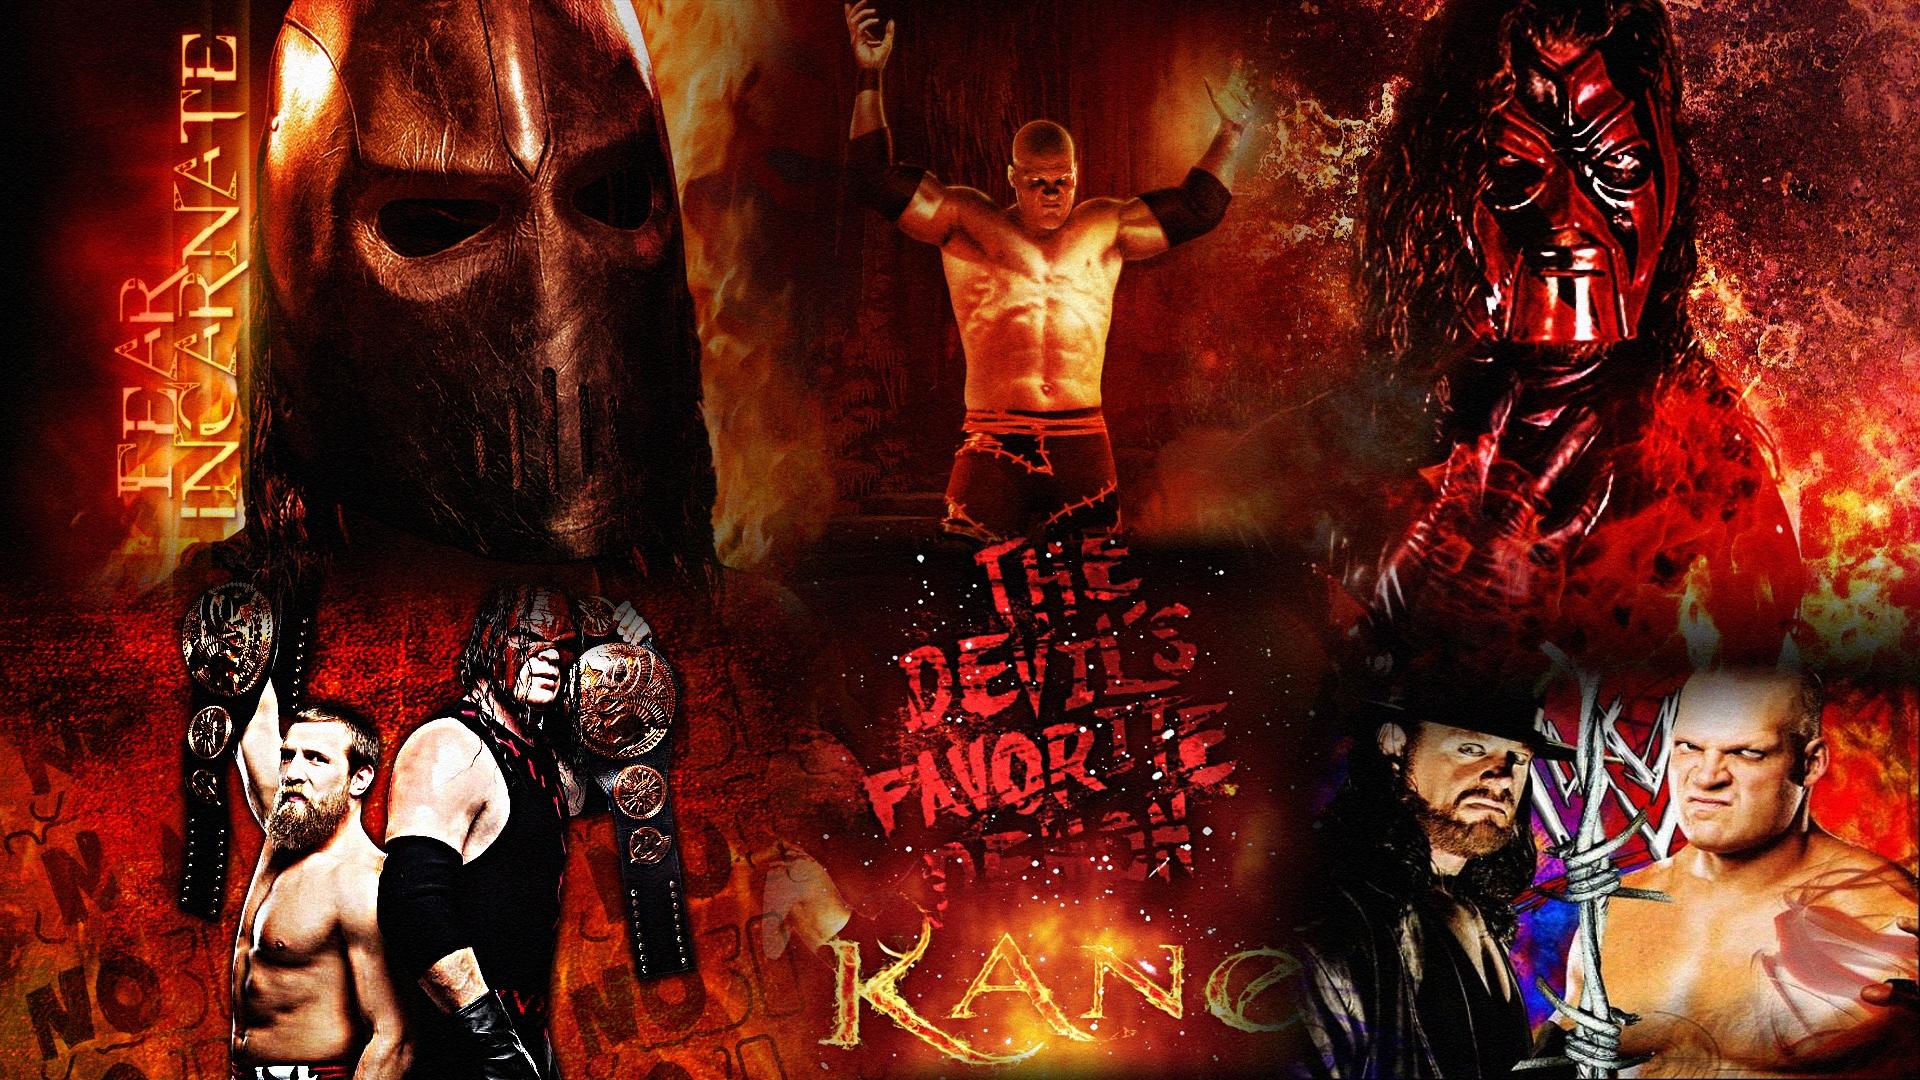 Kane Wallpapers Free Download